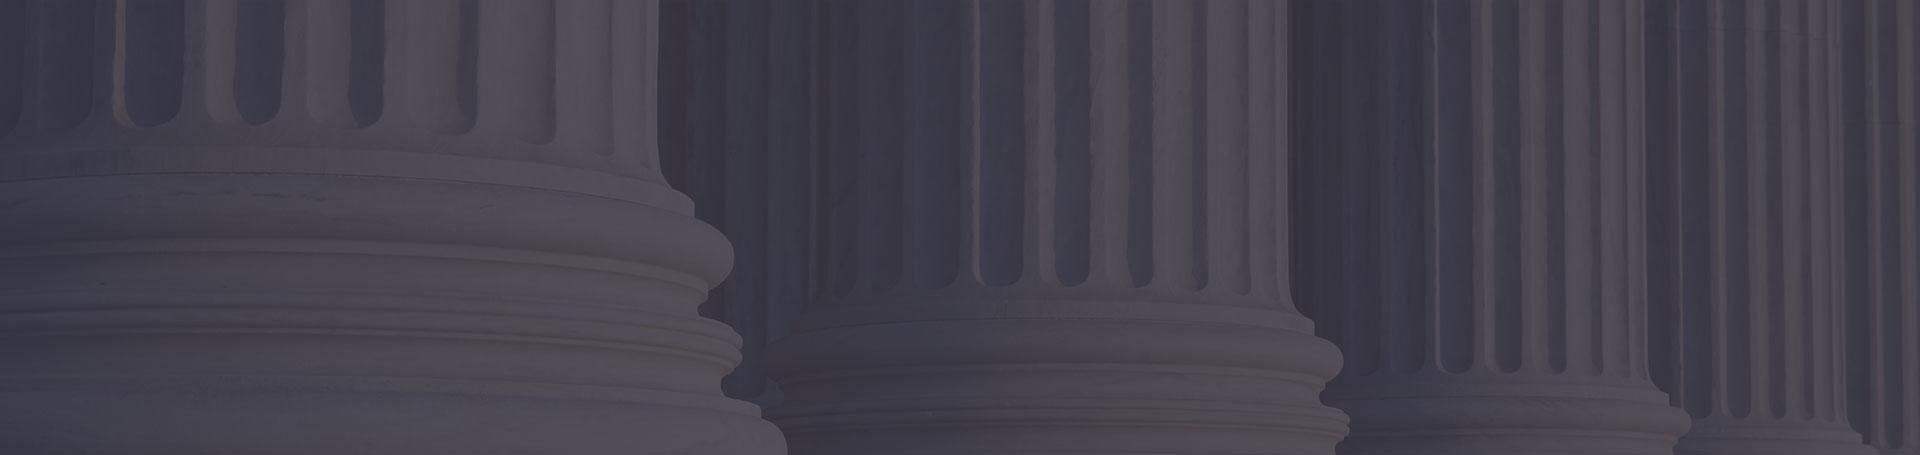 Luật Sư Thương Tích Cá Nhân Và Tai Nạn